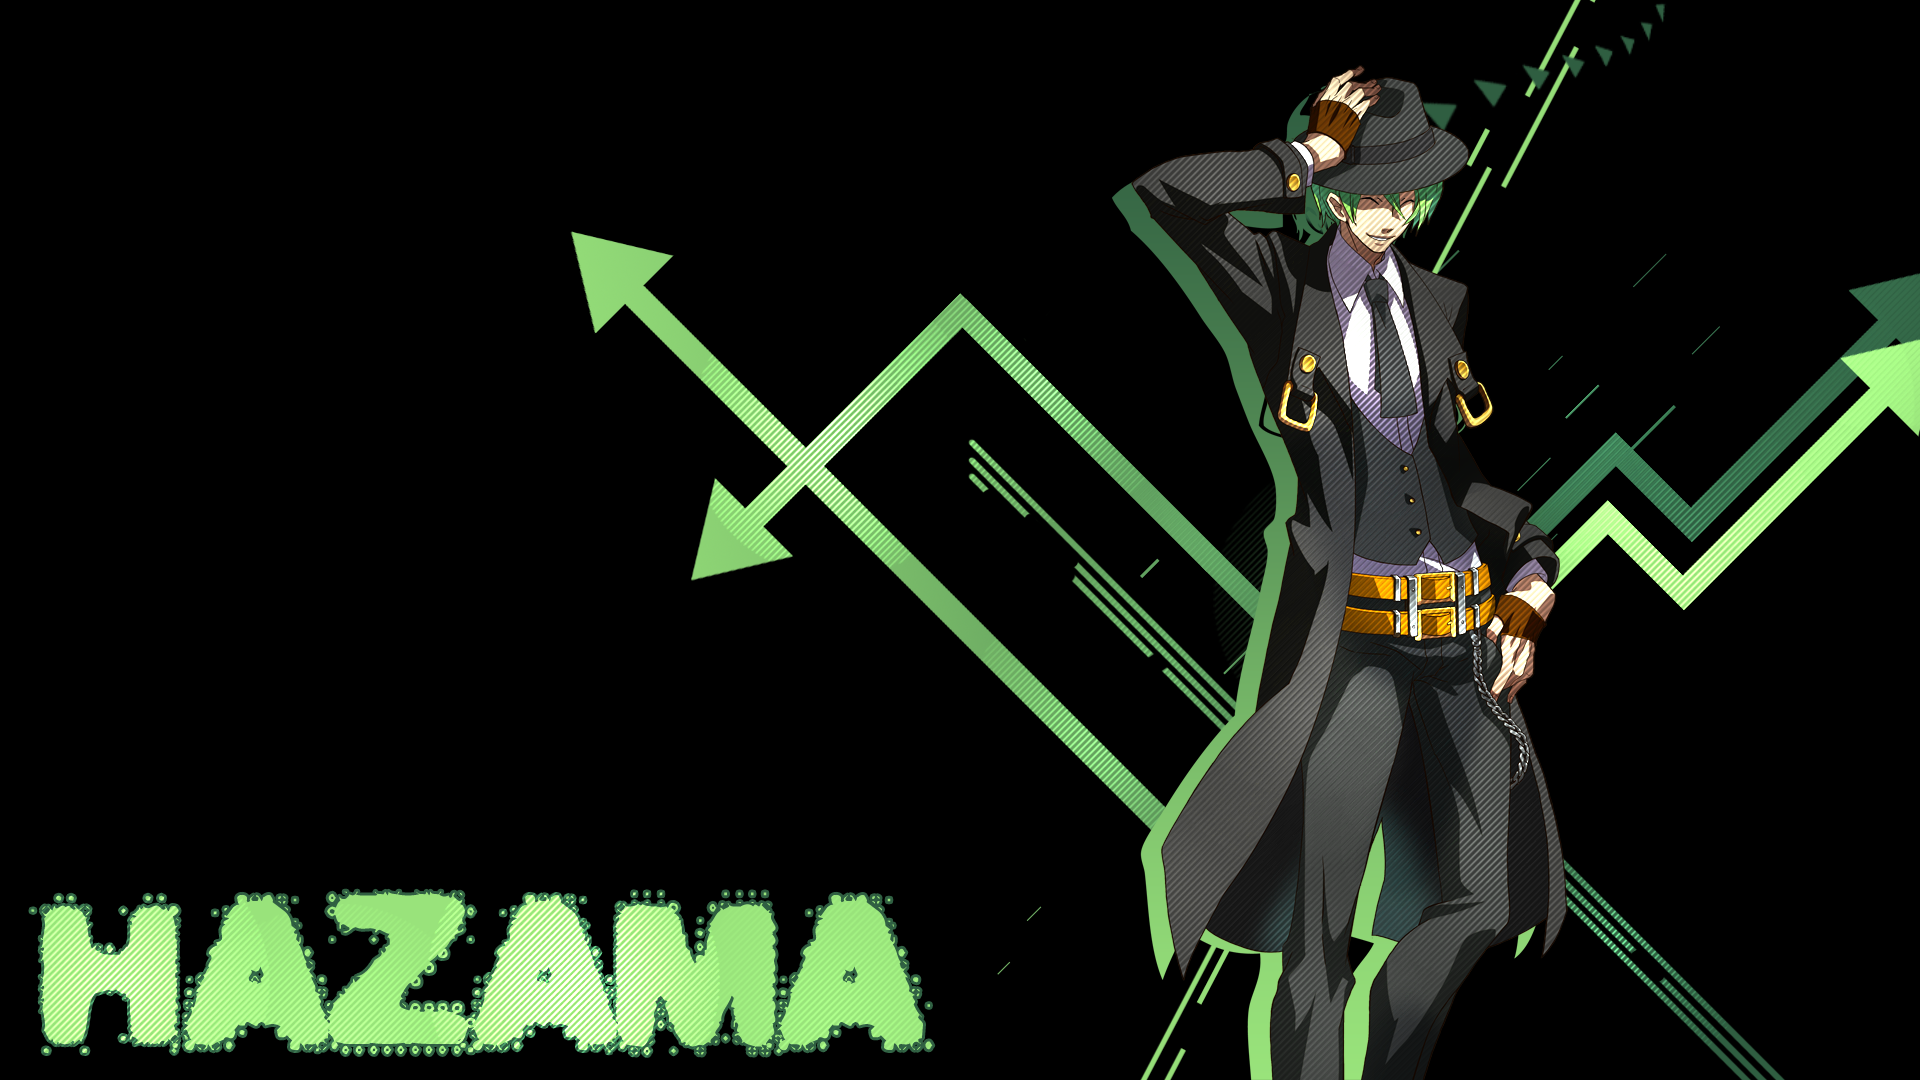 Hazama Blazblue 1920x1080